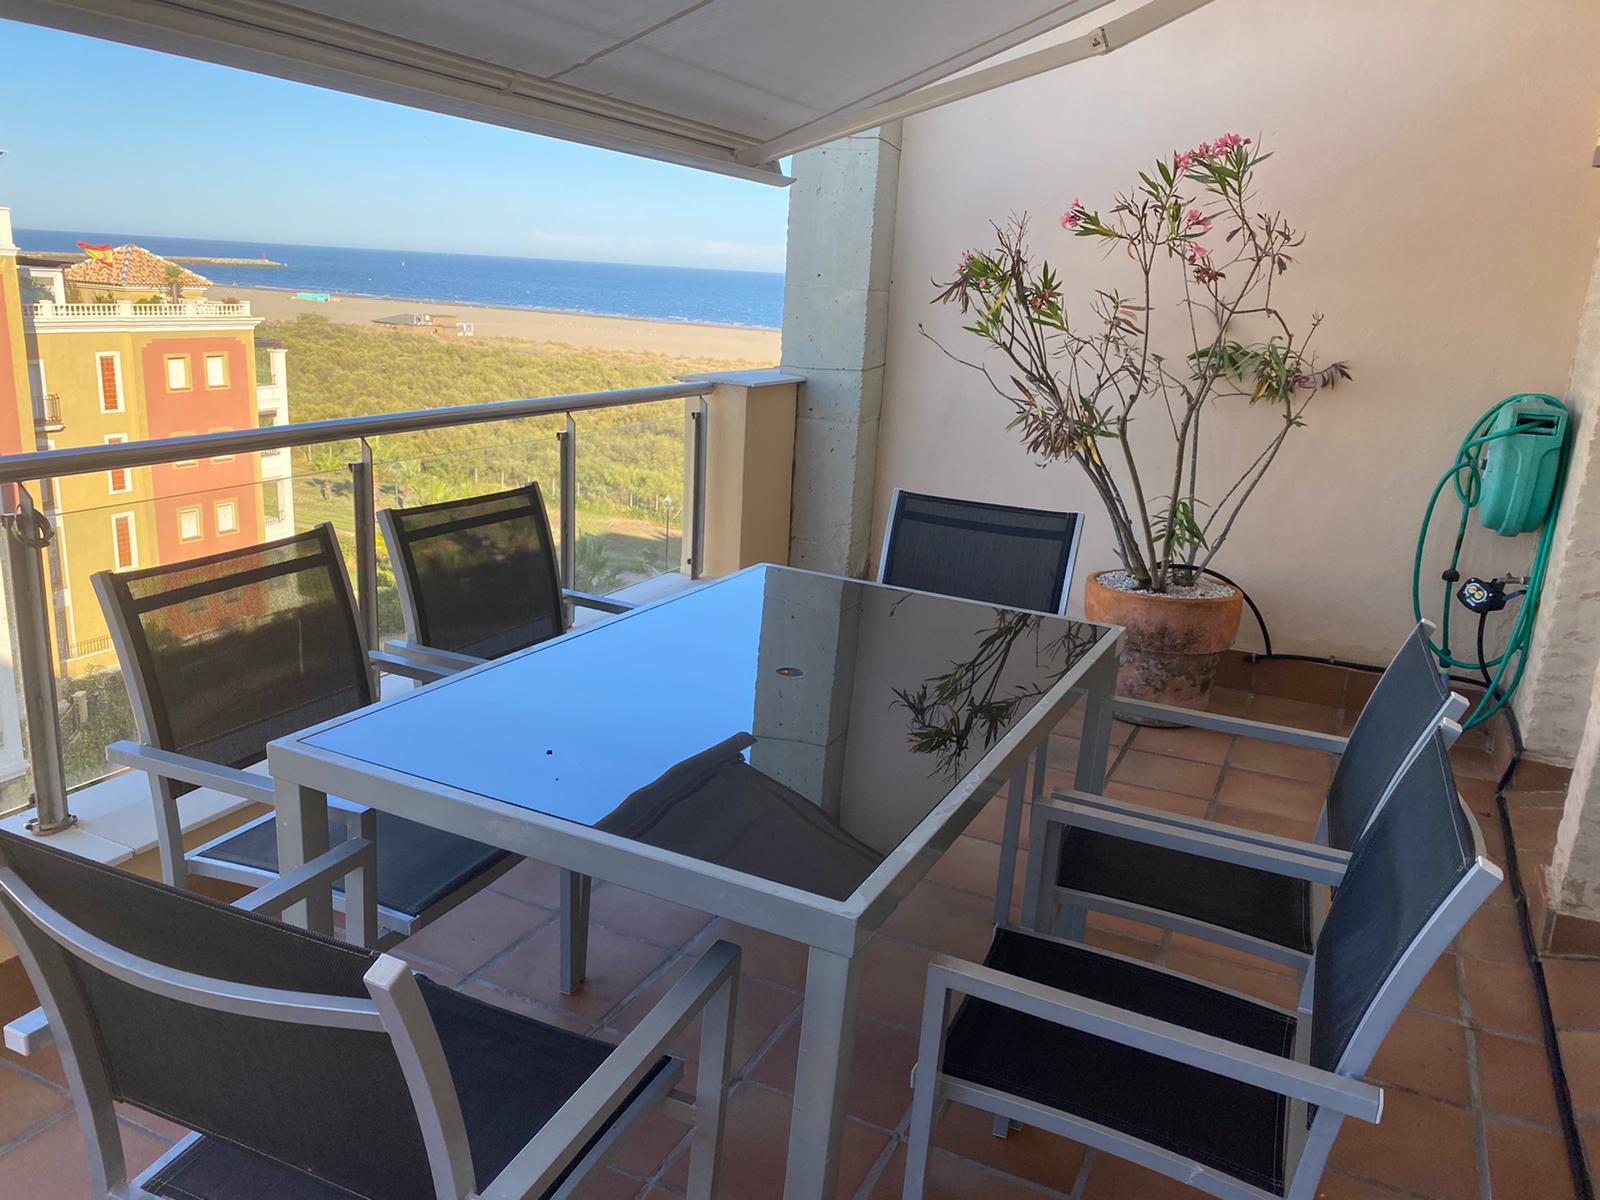 Imagen 45 del Apartamento Turístico, Ático 6 Levante (3d+2b), Punta del Moral (HUELVA), Paseo de la Cruz nº22